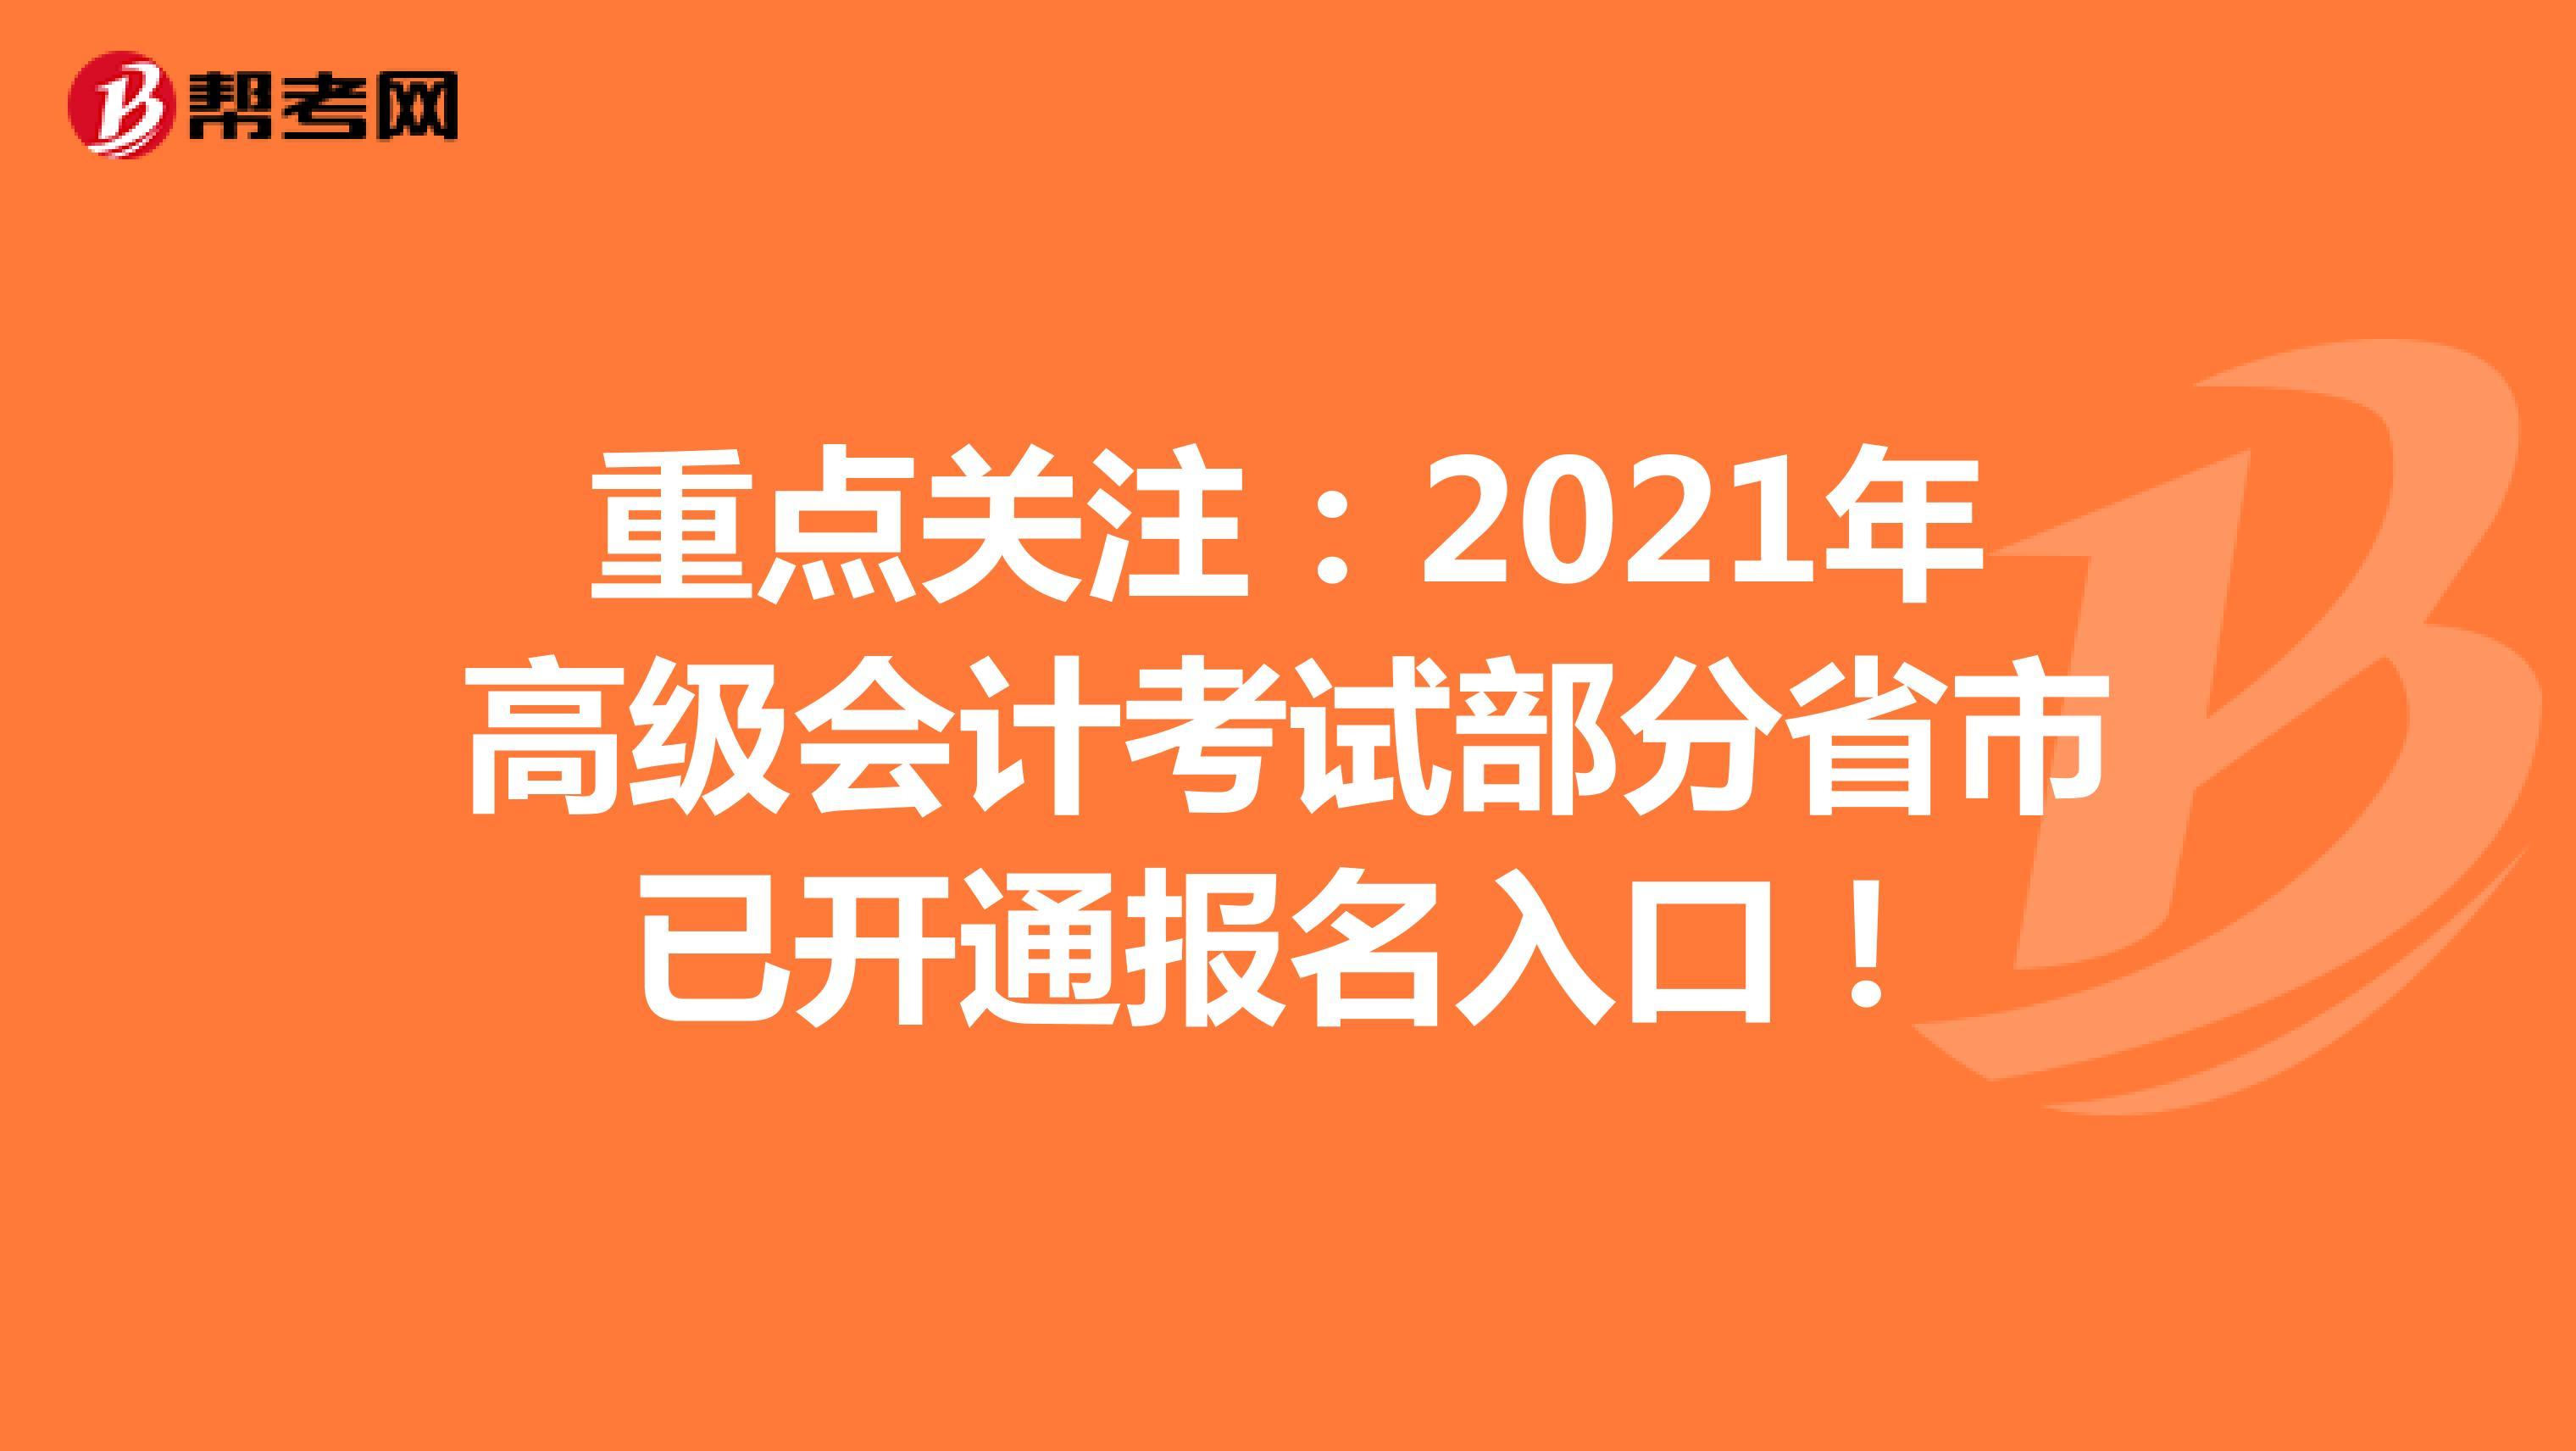 重點關注:2021年高級會計考試部分省市已開通報名入口!